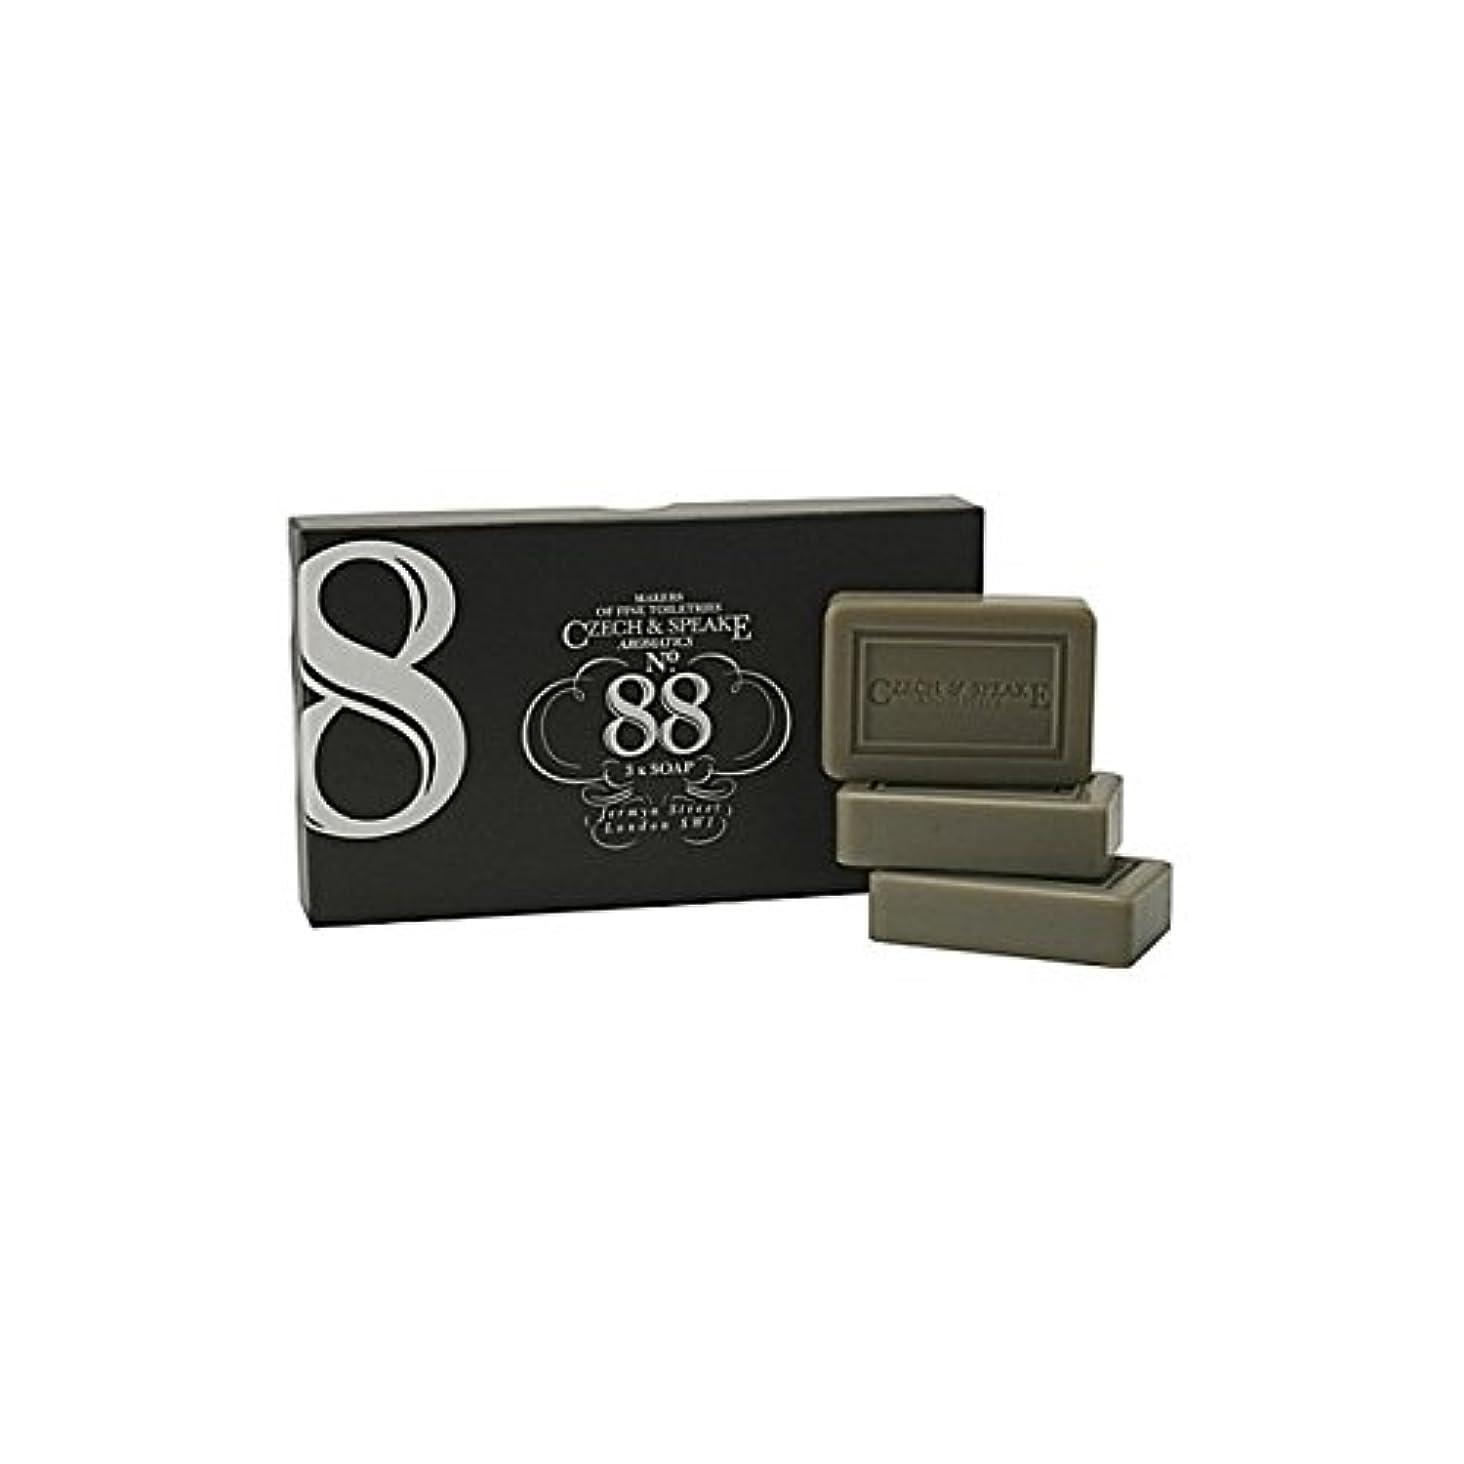 物理的に外観安全性チェコ&スピーク.88ソープセット x2 - Czech & Speake No.88 Soap Set (Pack of 2) [並行輸入品]